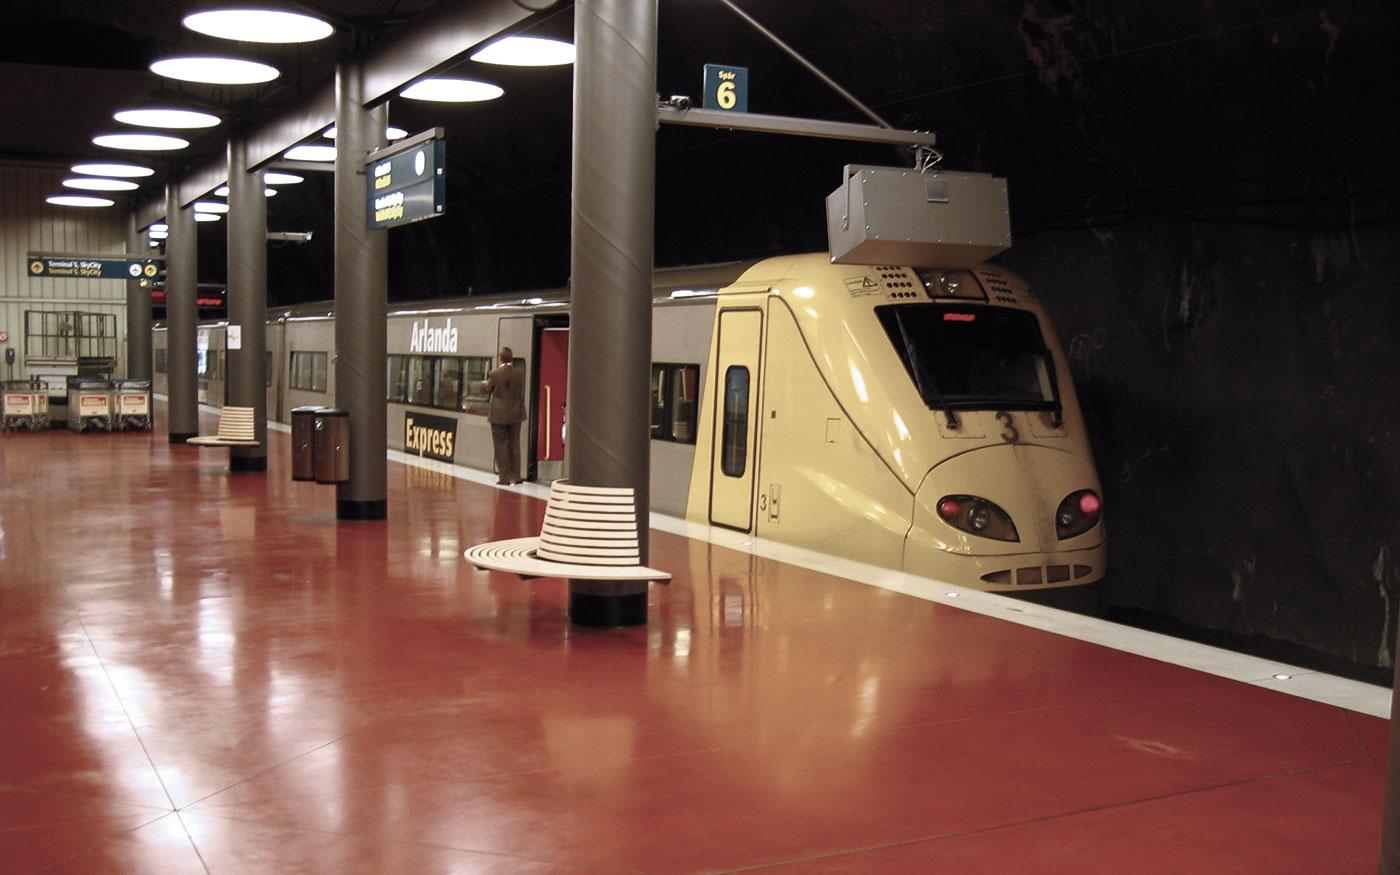 Golv, bänk och tåg vid Arlandabanan